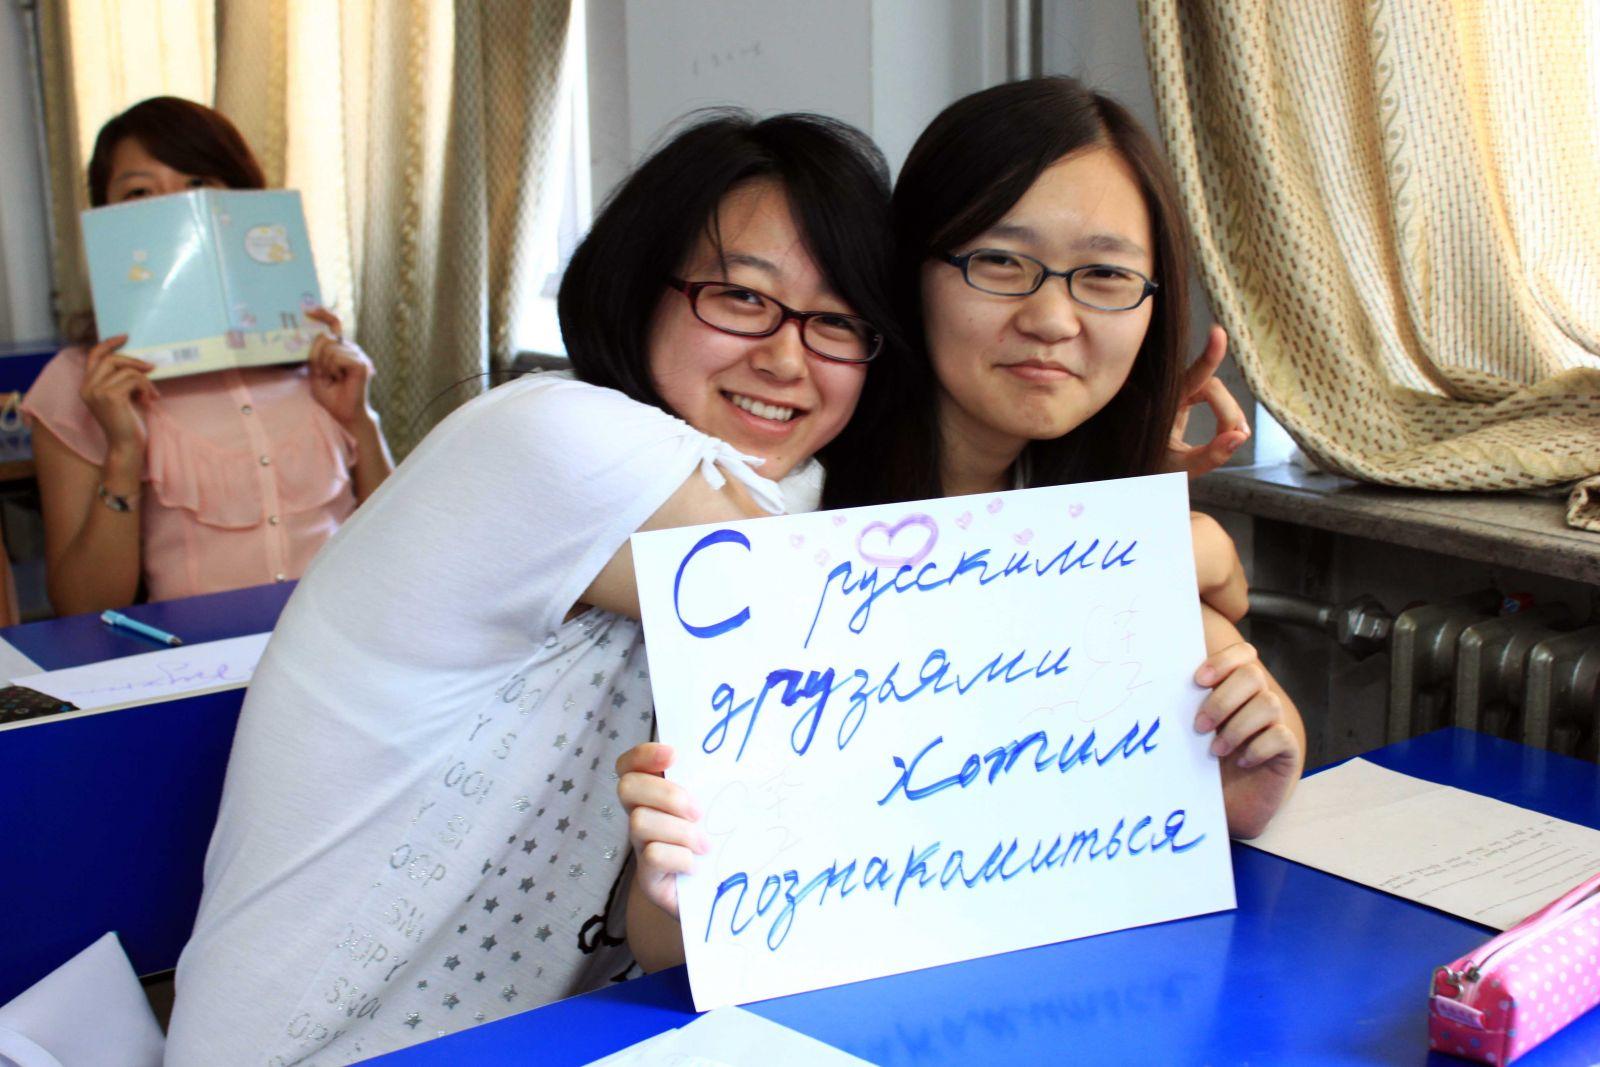 Китайский Сайт Знакомств В России